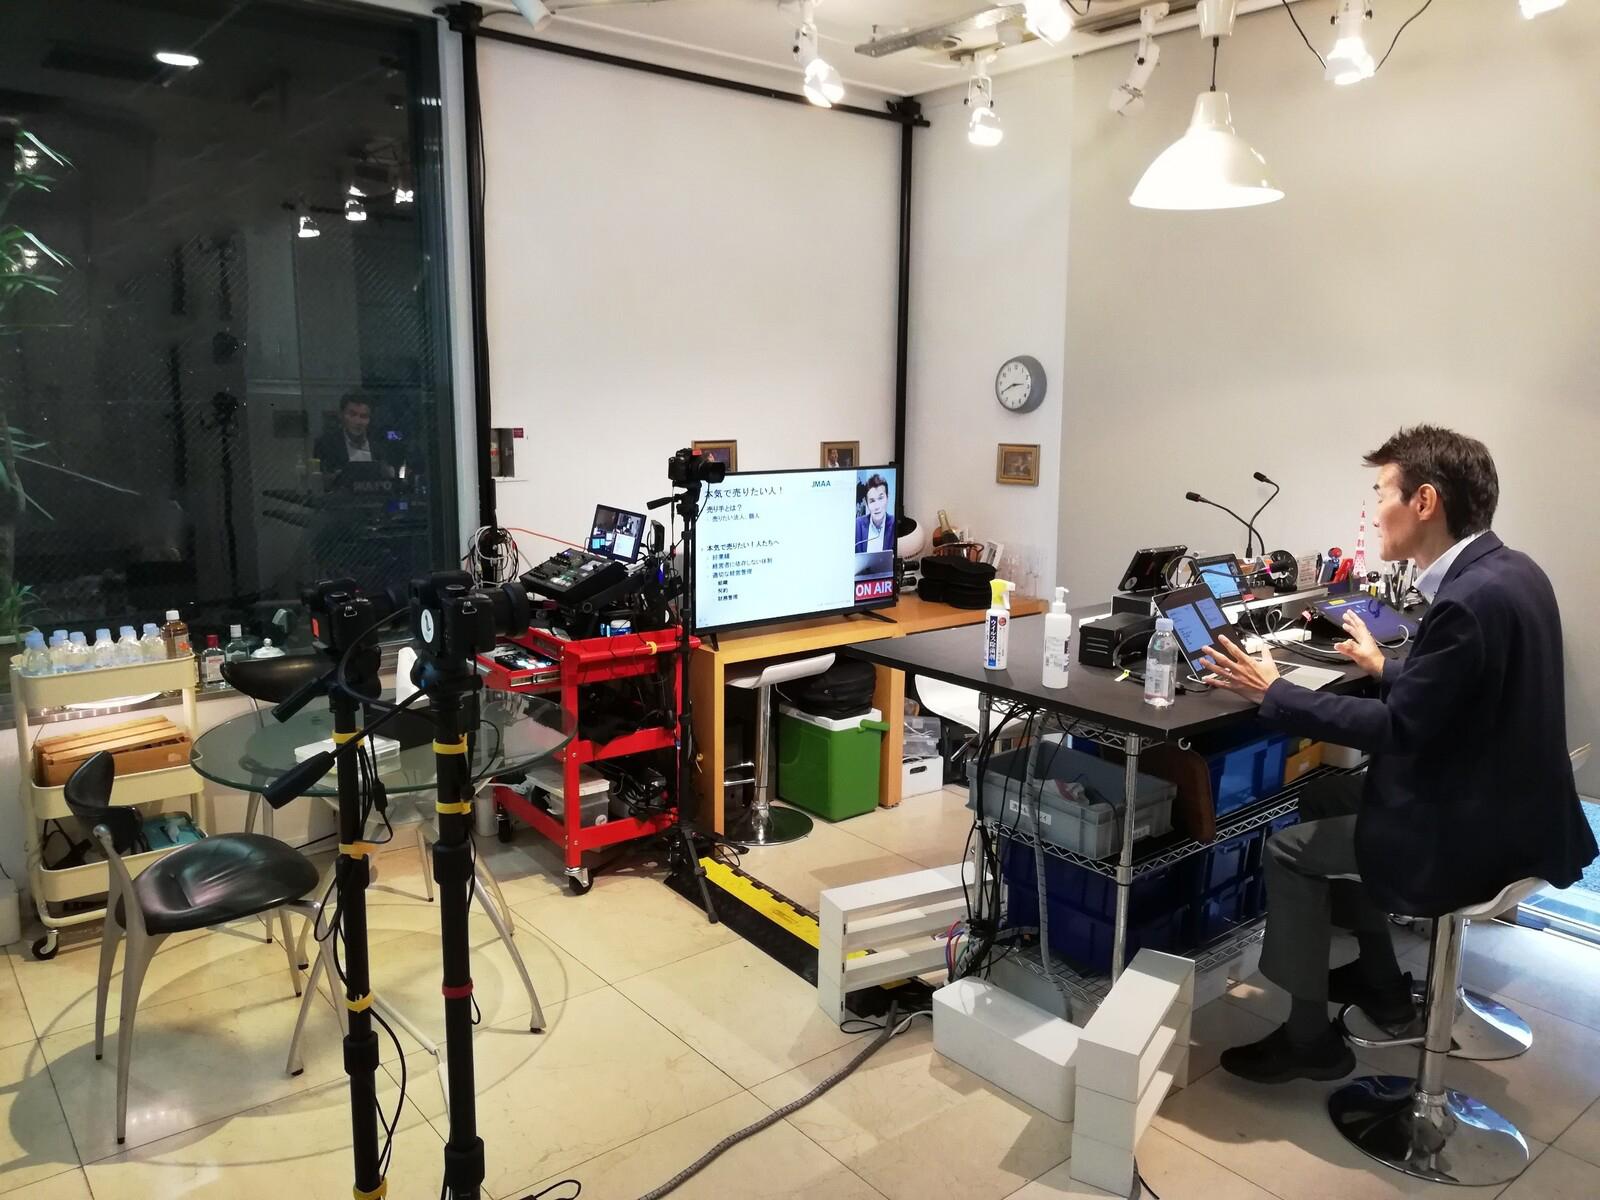 Video Salon Webinar001 オンライン動画時代のコンテンツ量産術 スタッフゼロ 自動スイッチングスタジオを運営するクリエイターが解説 ビデオsalon